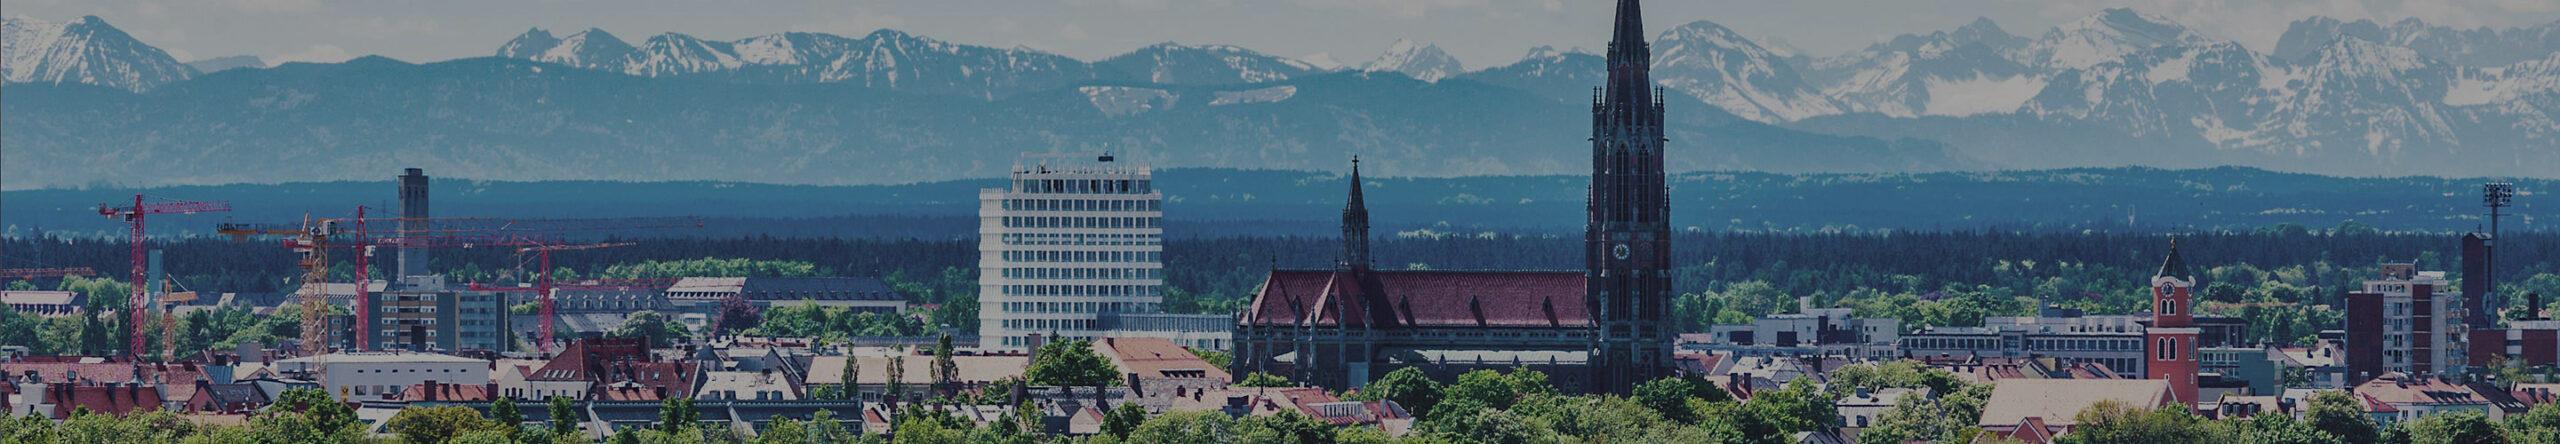 München (Bayern) in Deutschland